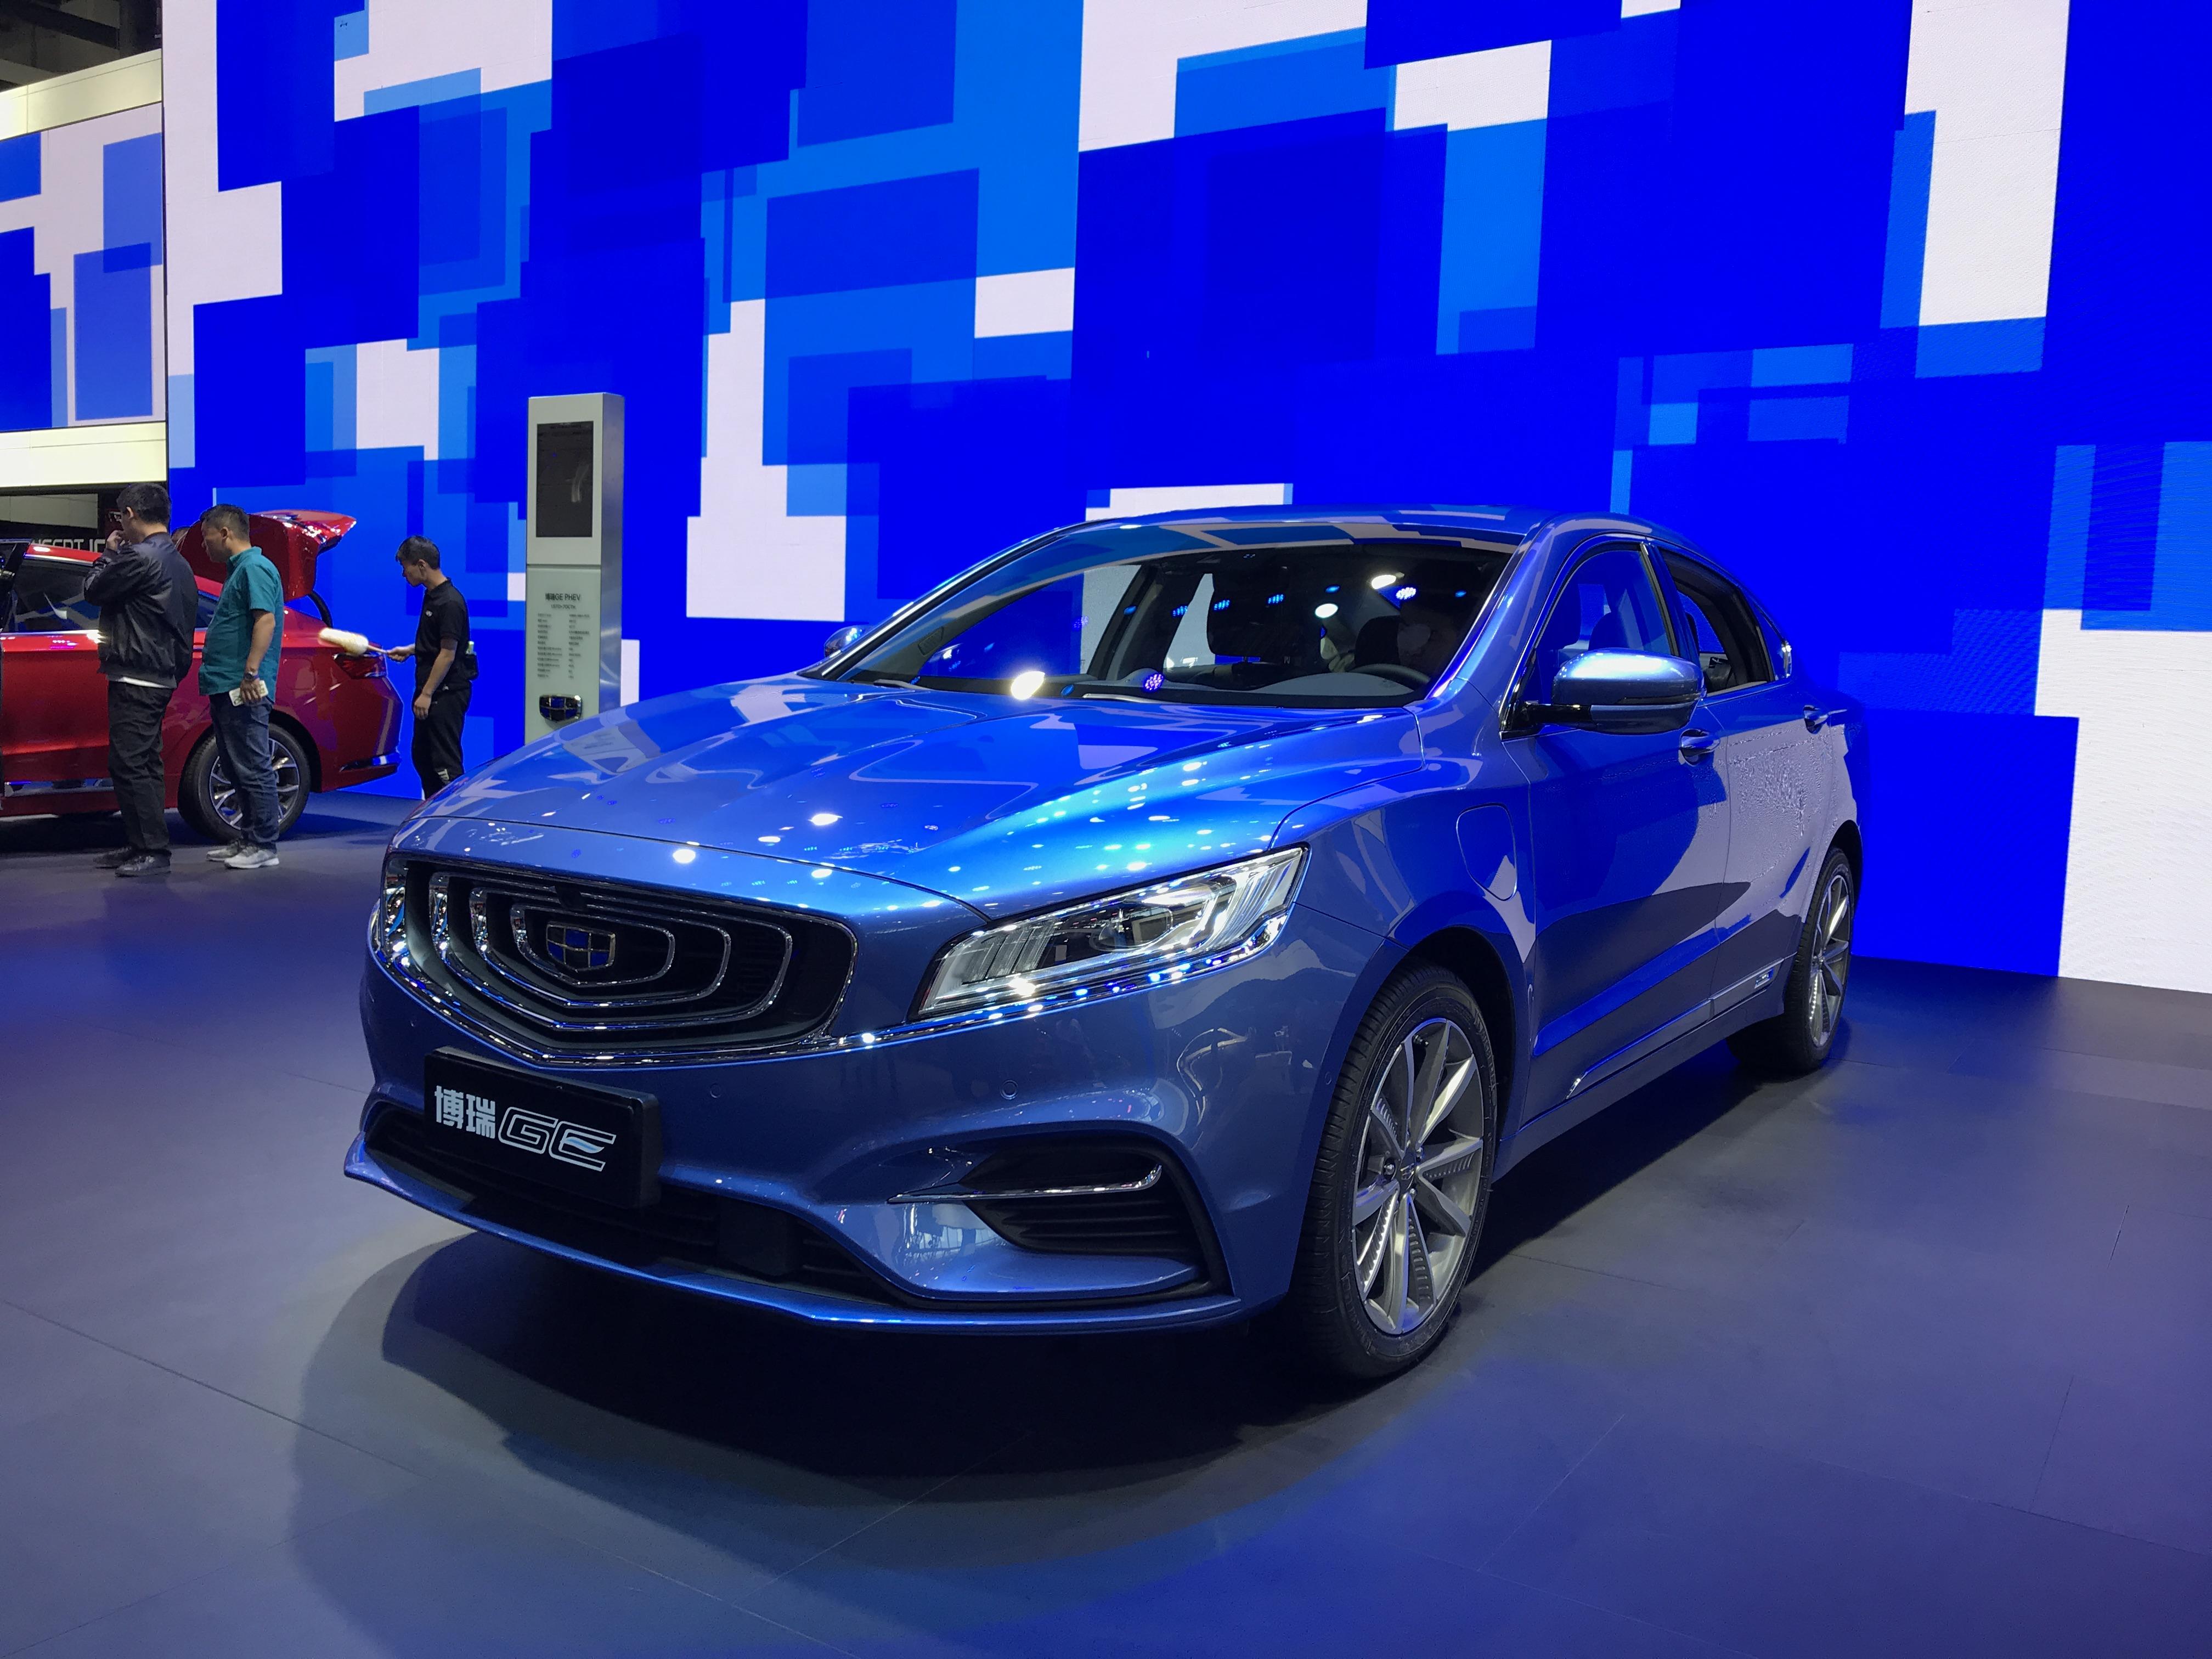 70283d84d صناعة السيارات في الصين - ويكيبيديا، الموسوعة الحرة